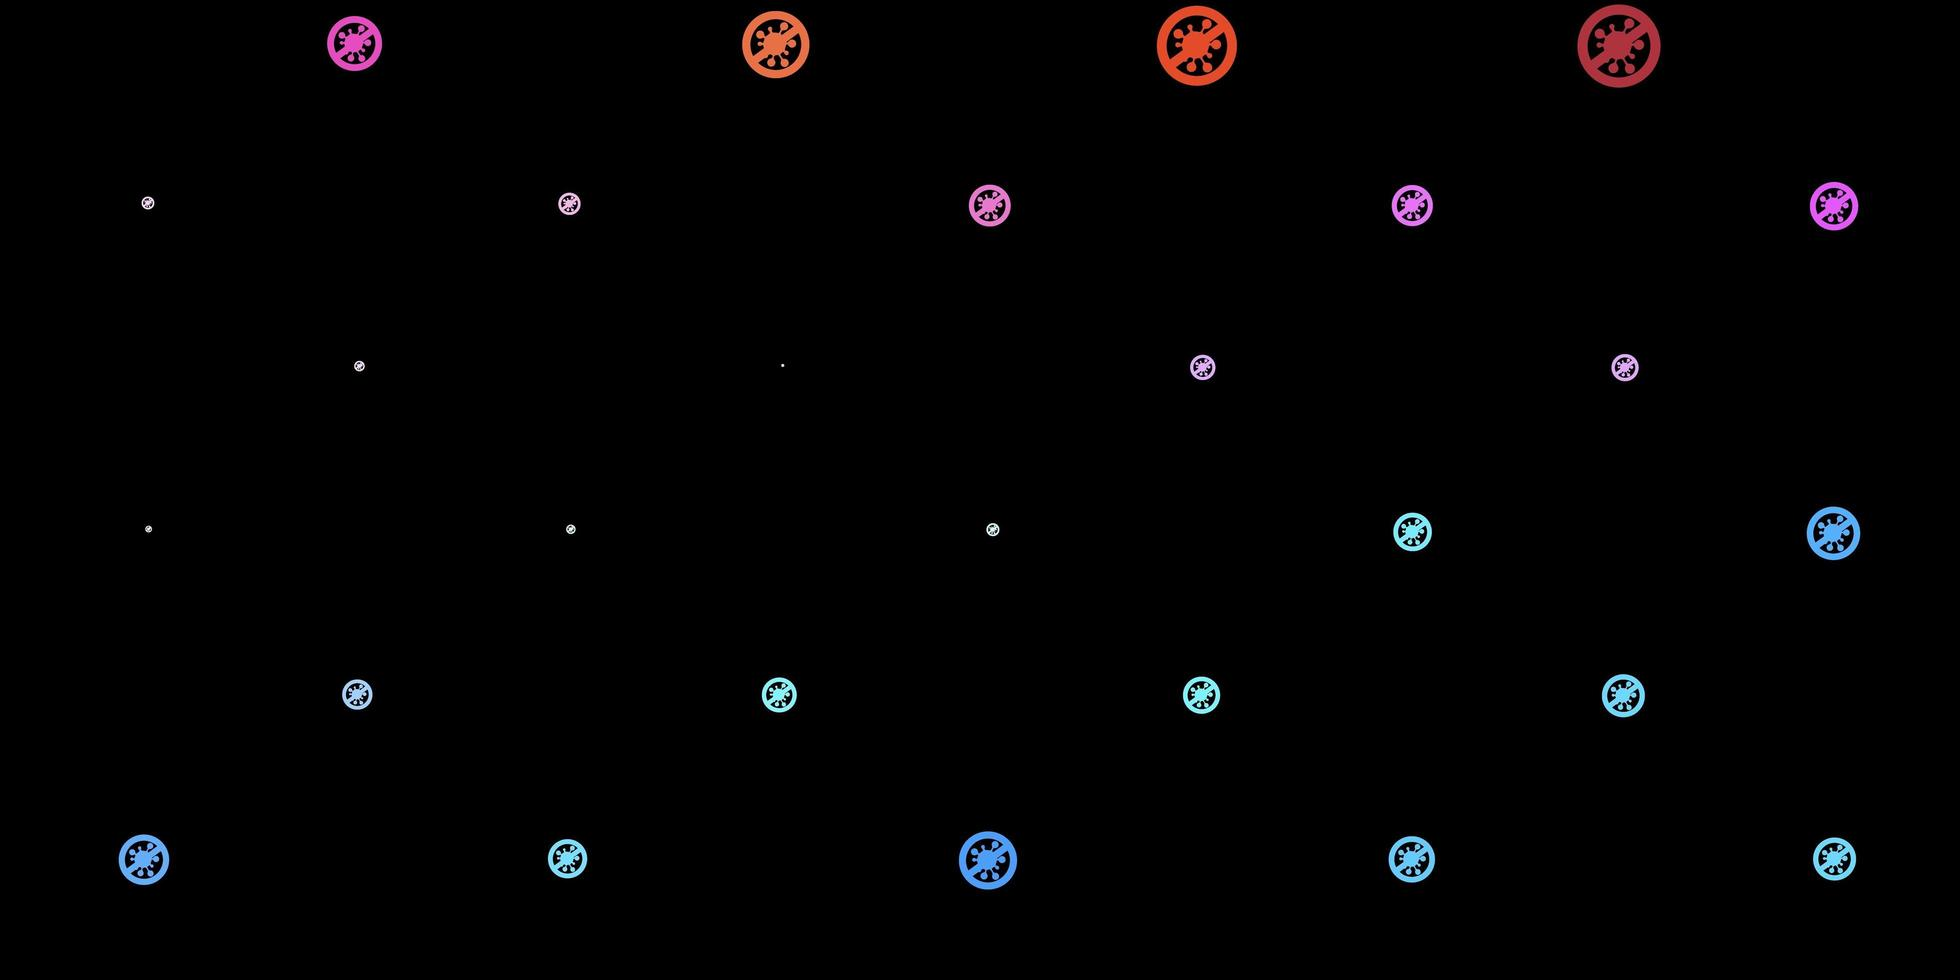 dunkler mehrfarbiger Vektorhintergrund mit covid-19 Symbolen. vektor